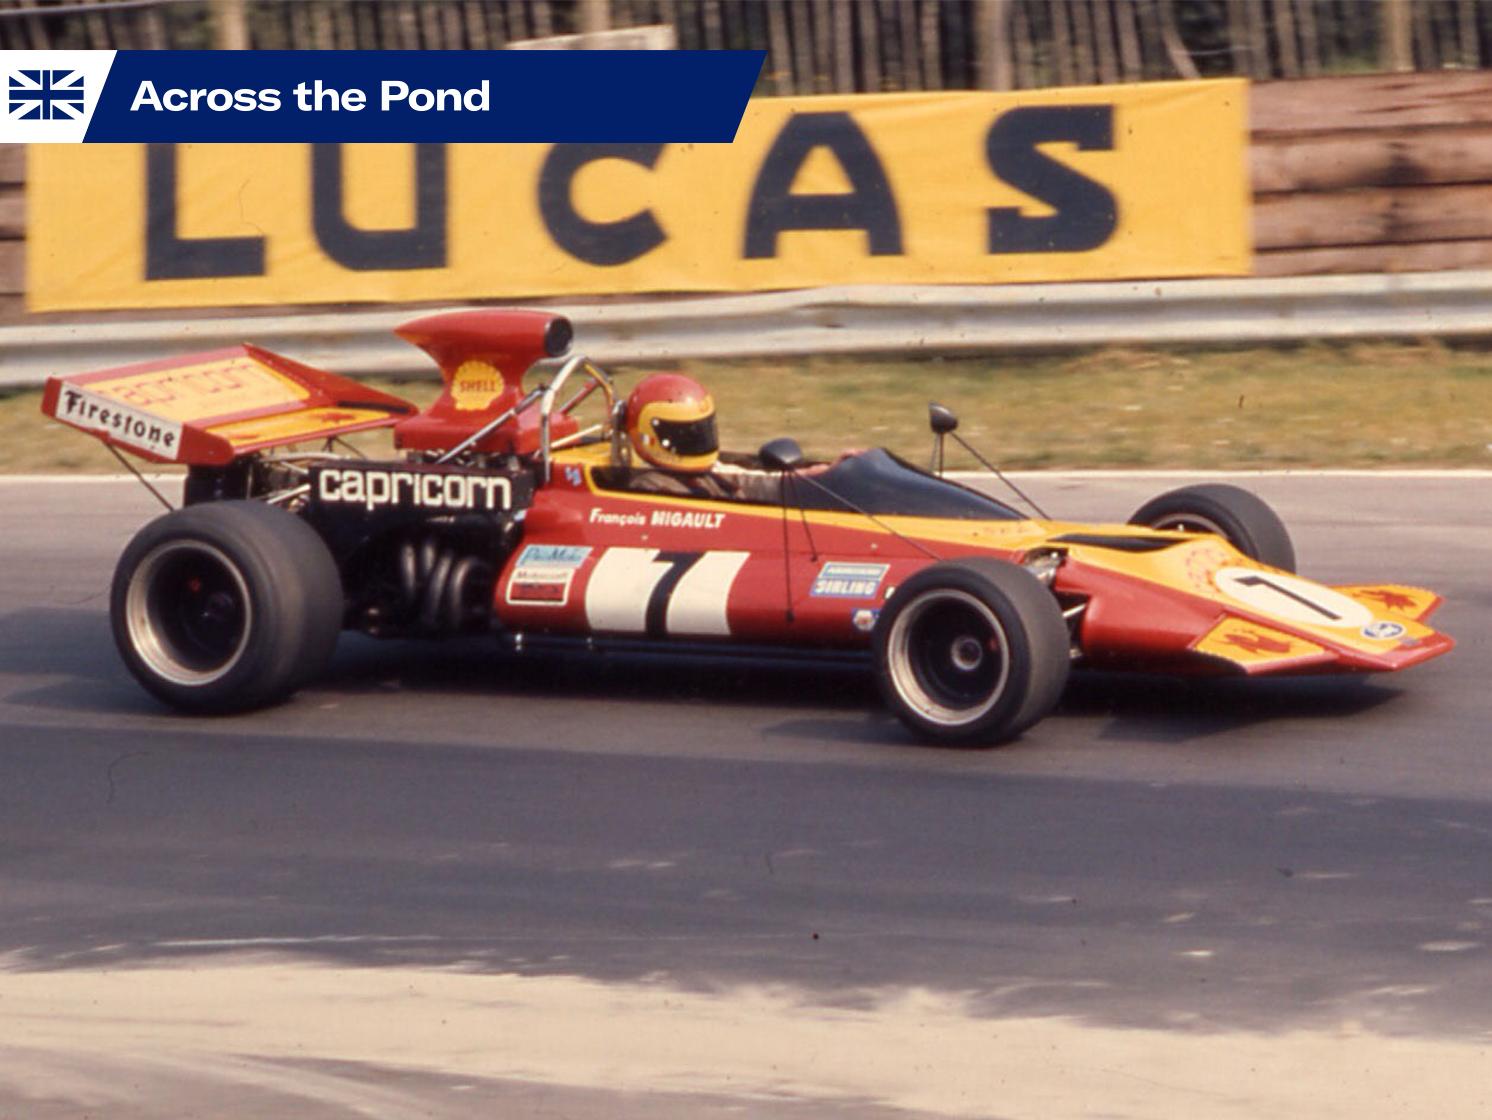 Across-Pond-1972-Connew-PC1-Lede